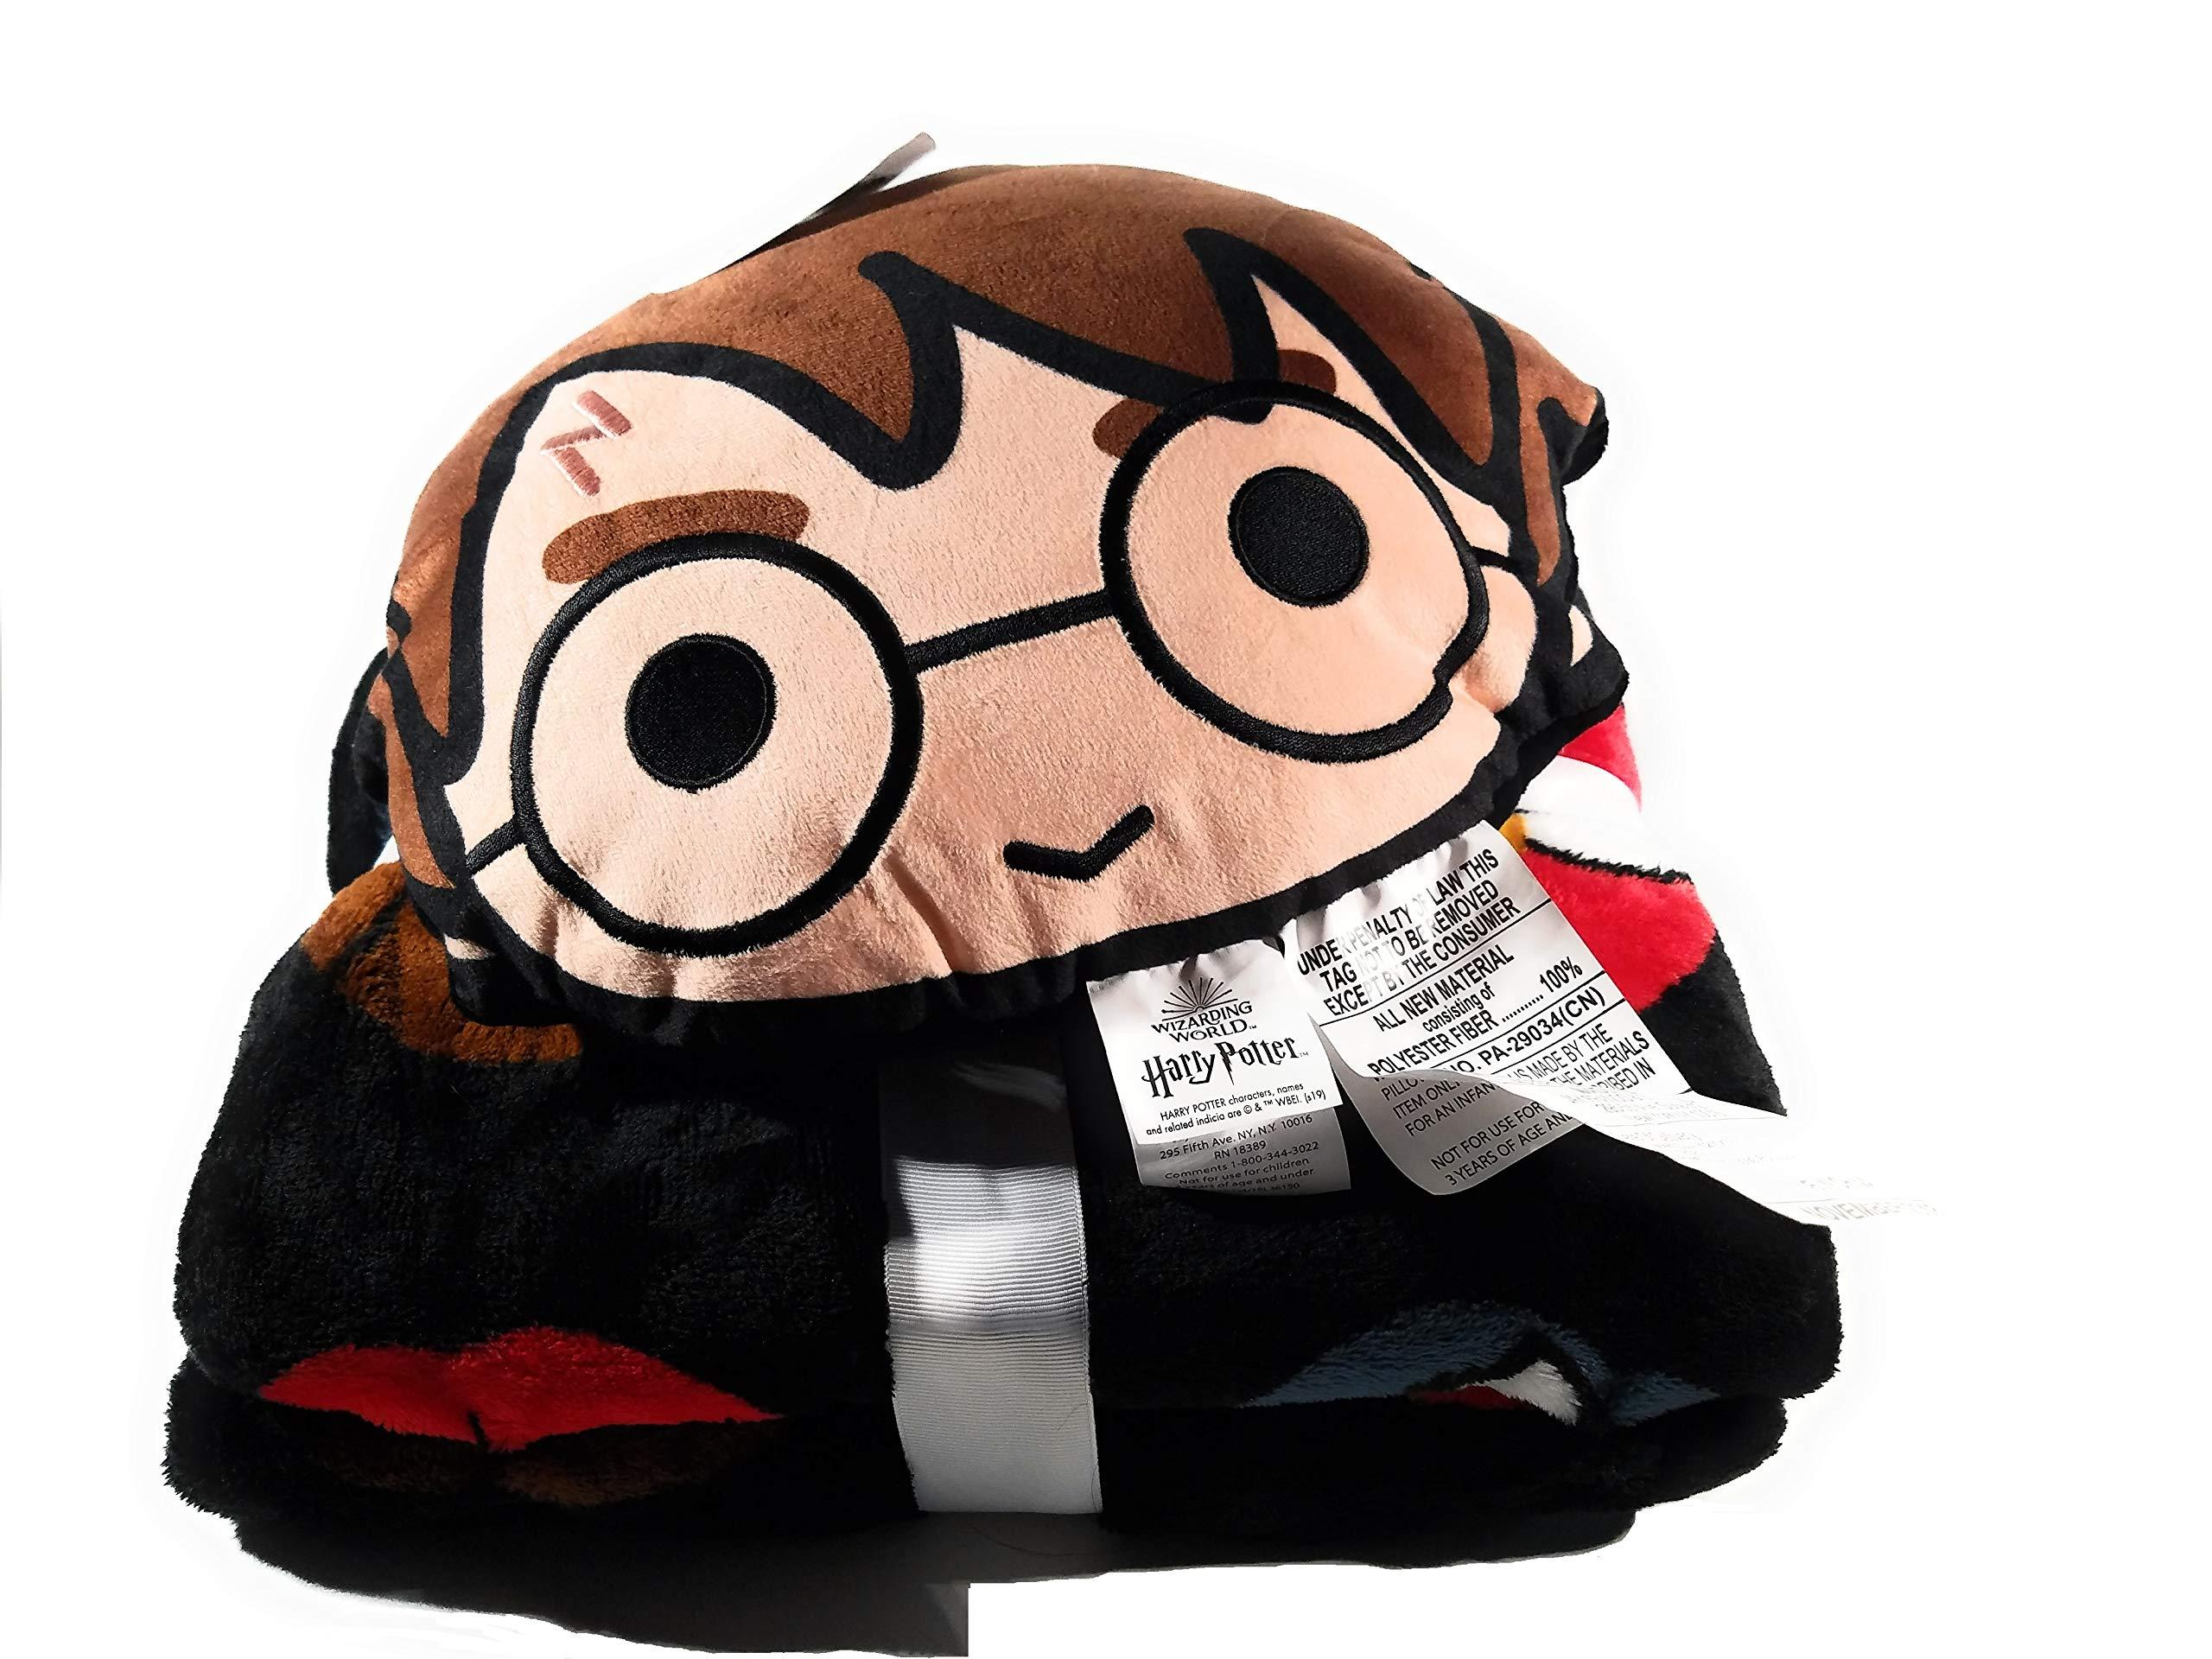 Warner Bros Harry Potter Nogginz Juego de almohada y manta de felpa: Amazon.es: Hogar